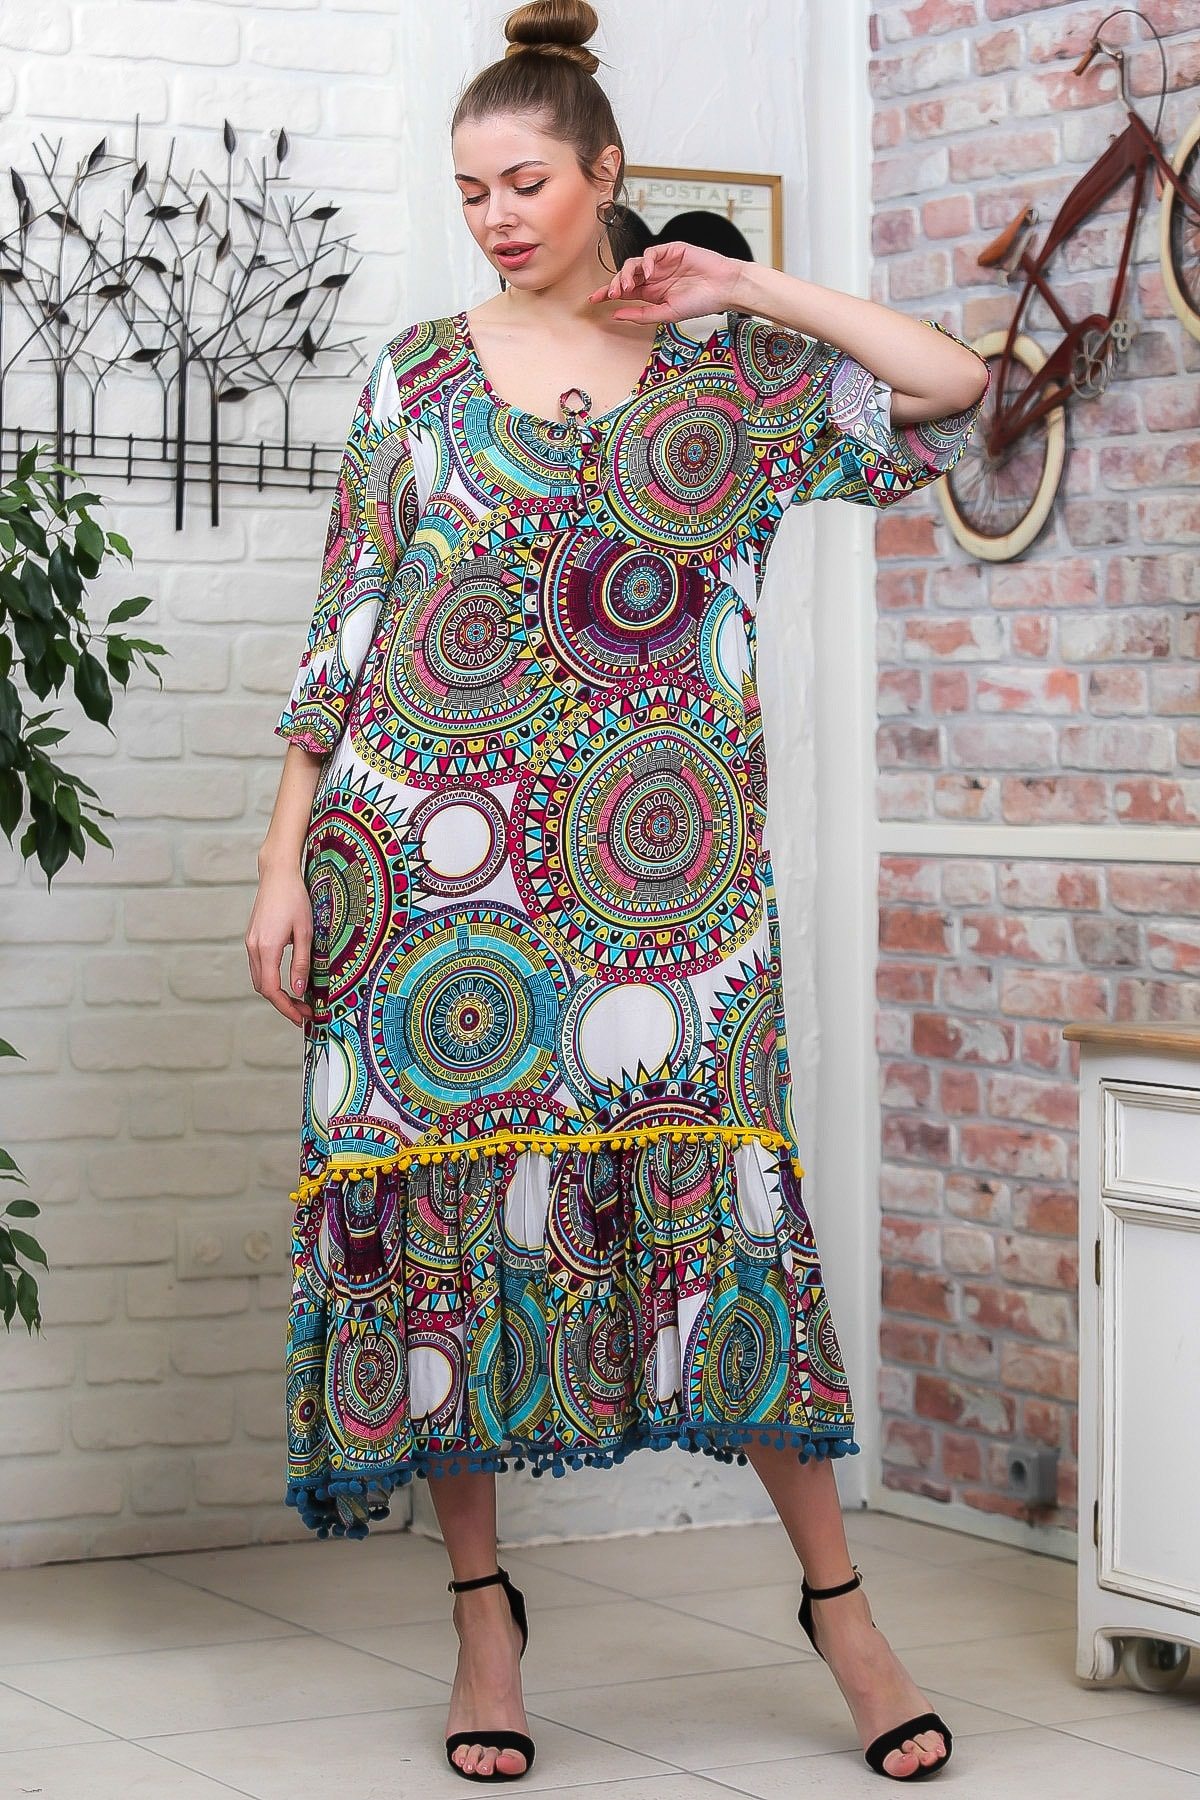 Chiccy Kadın Yeşil Geometrik Desen 3/4 Kol Etek Ucu Ponpon Detaylı Salaş Dokuma Elbise M10160000EL95772